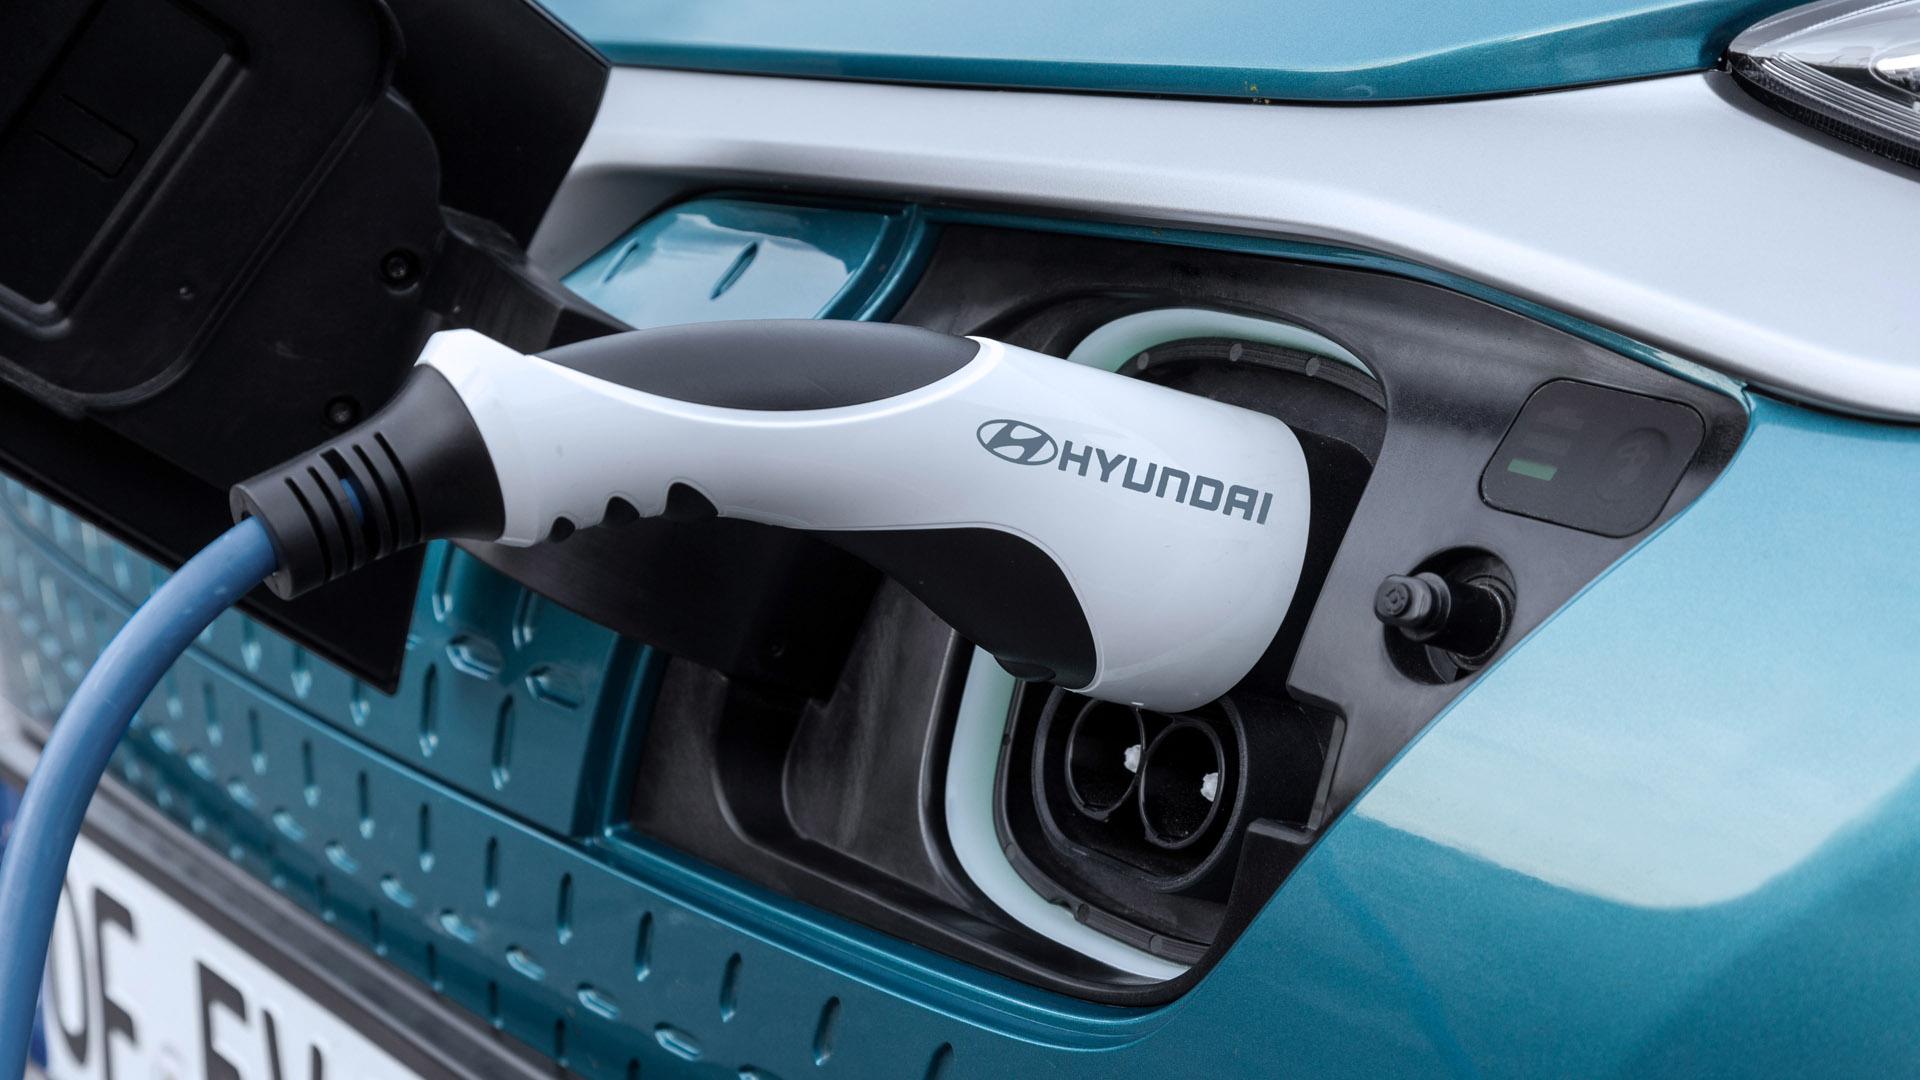 Hyundai comienza a montar el primer prototipo eléctrico sobre la plataforma E-GMP